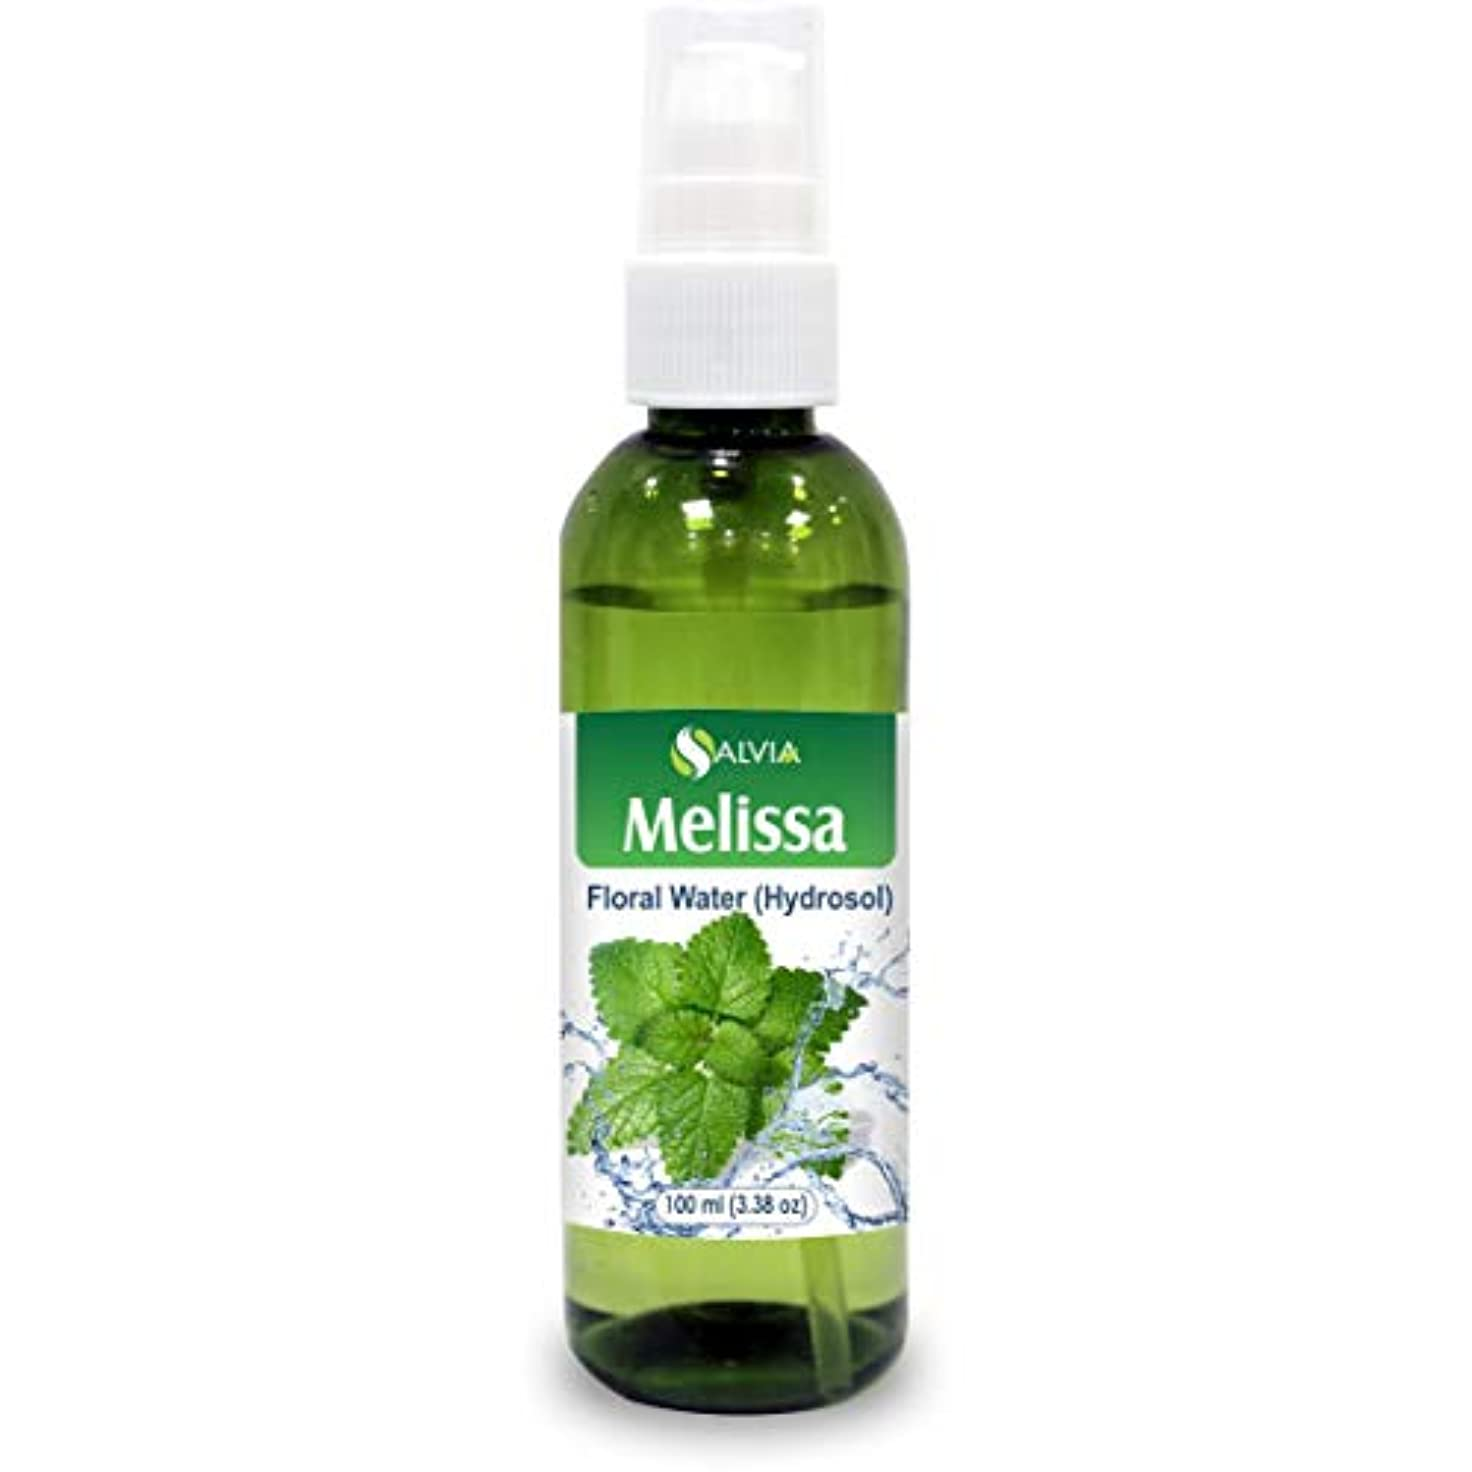 ビルマ遺伝的防衛Melissa (Lemon Balm) Floral Water 100ml (Hydrosol) 100% Pure And Natural